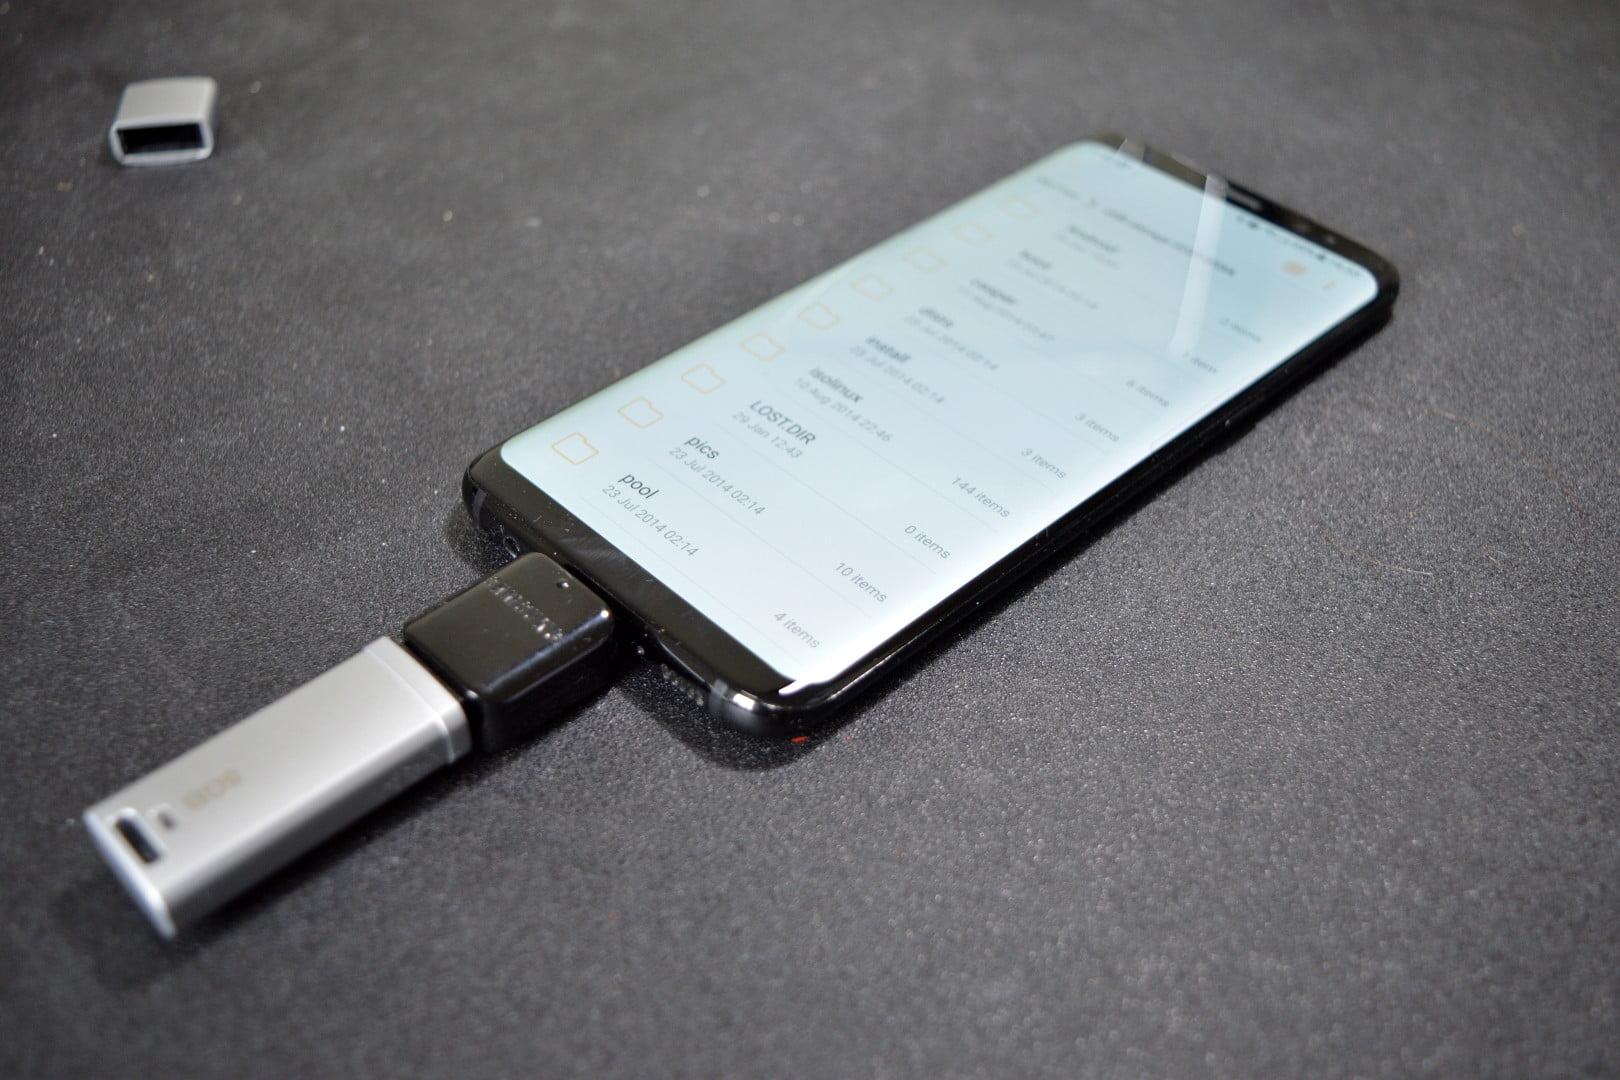 USB OTG là gì? sử dụng trong trường hợp nào?